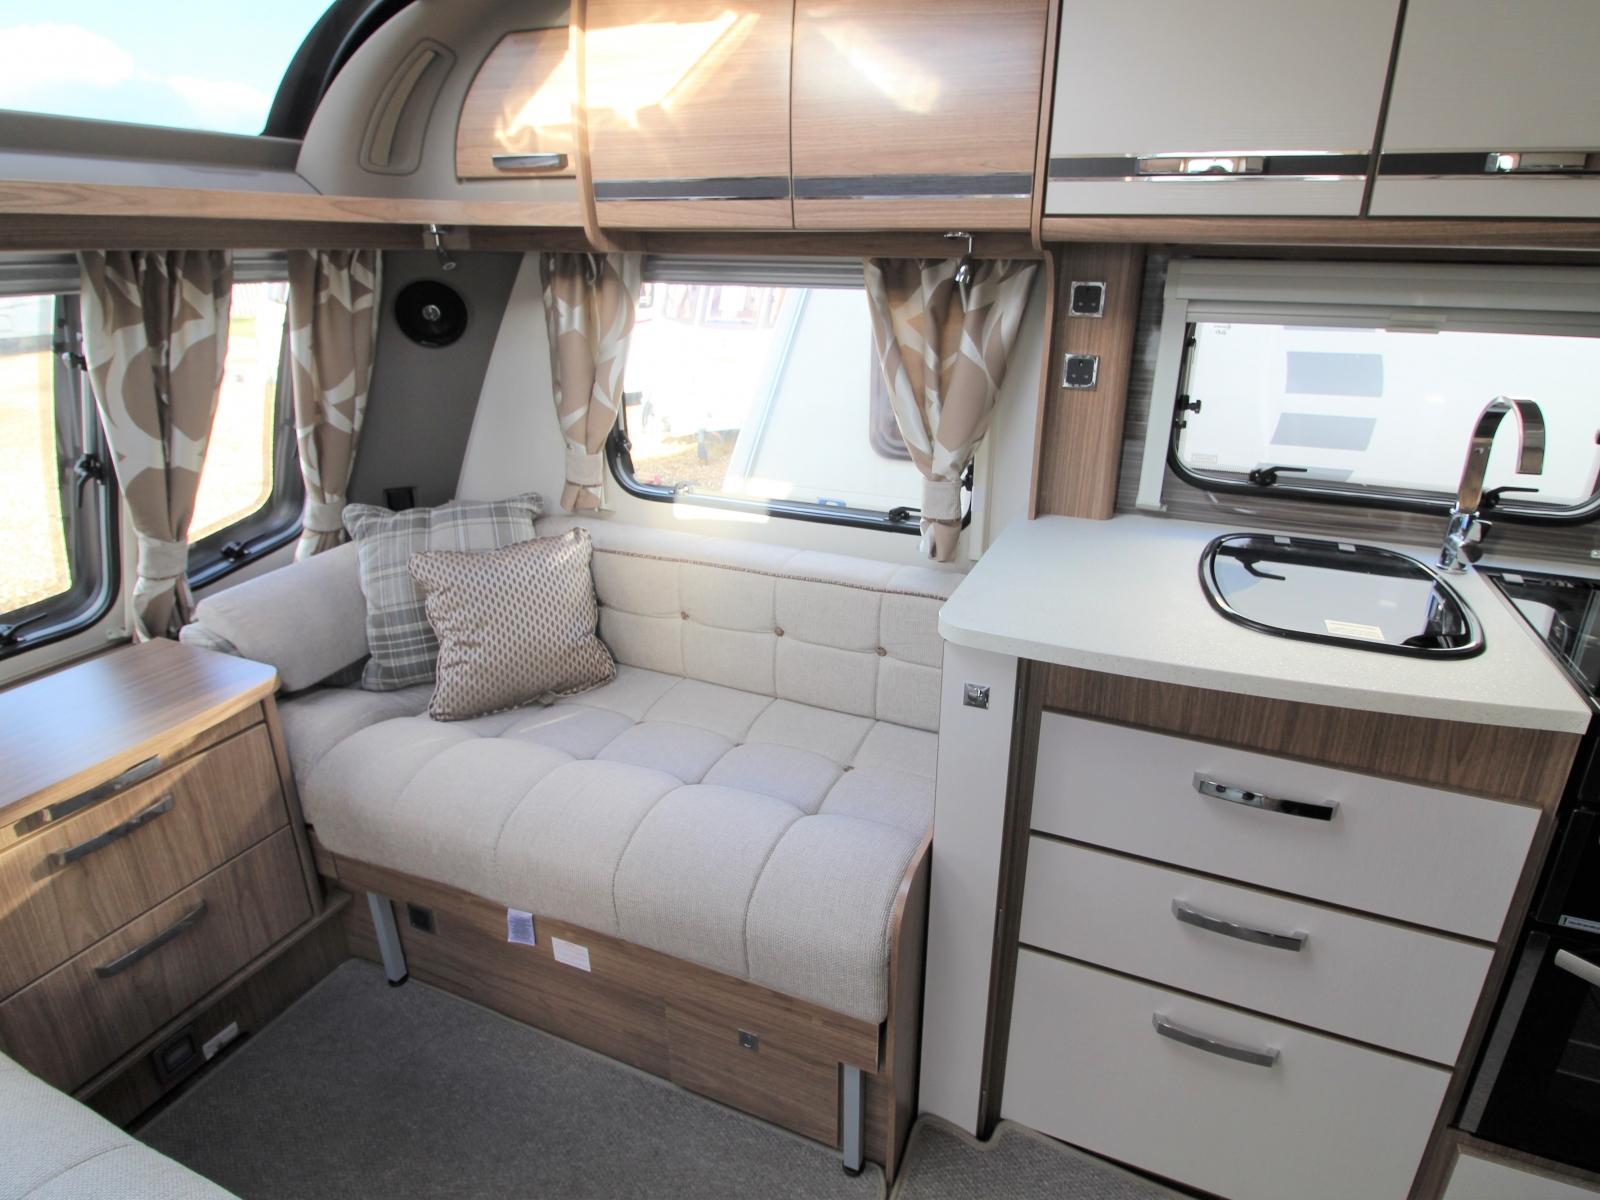 Coachman VIP 575 2016 image